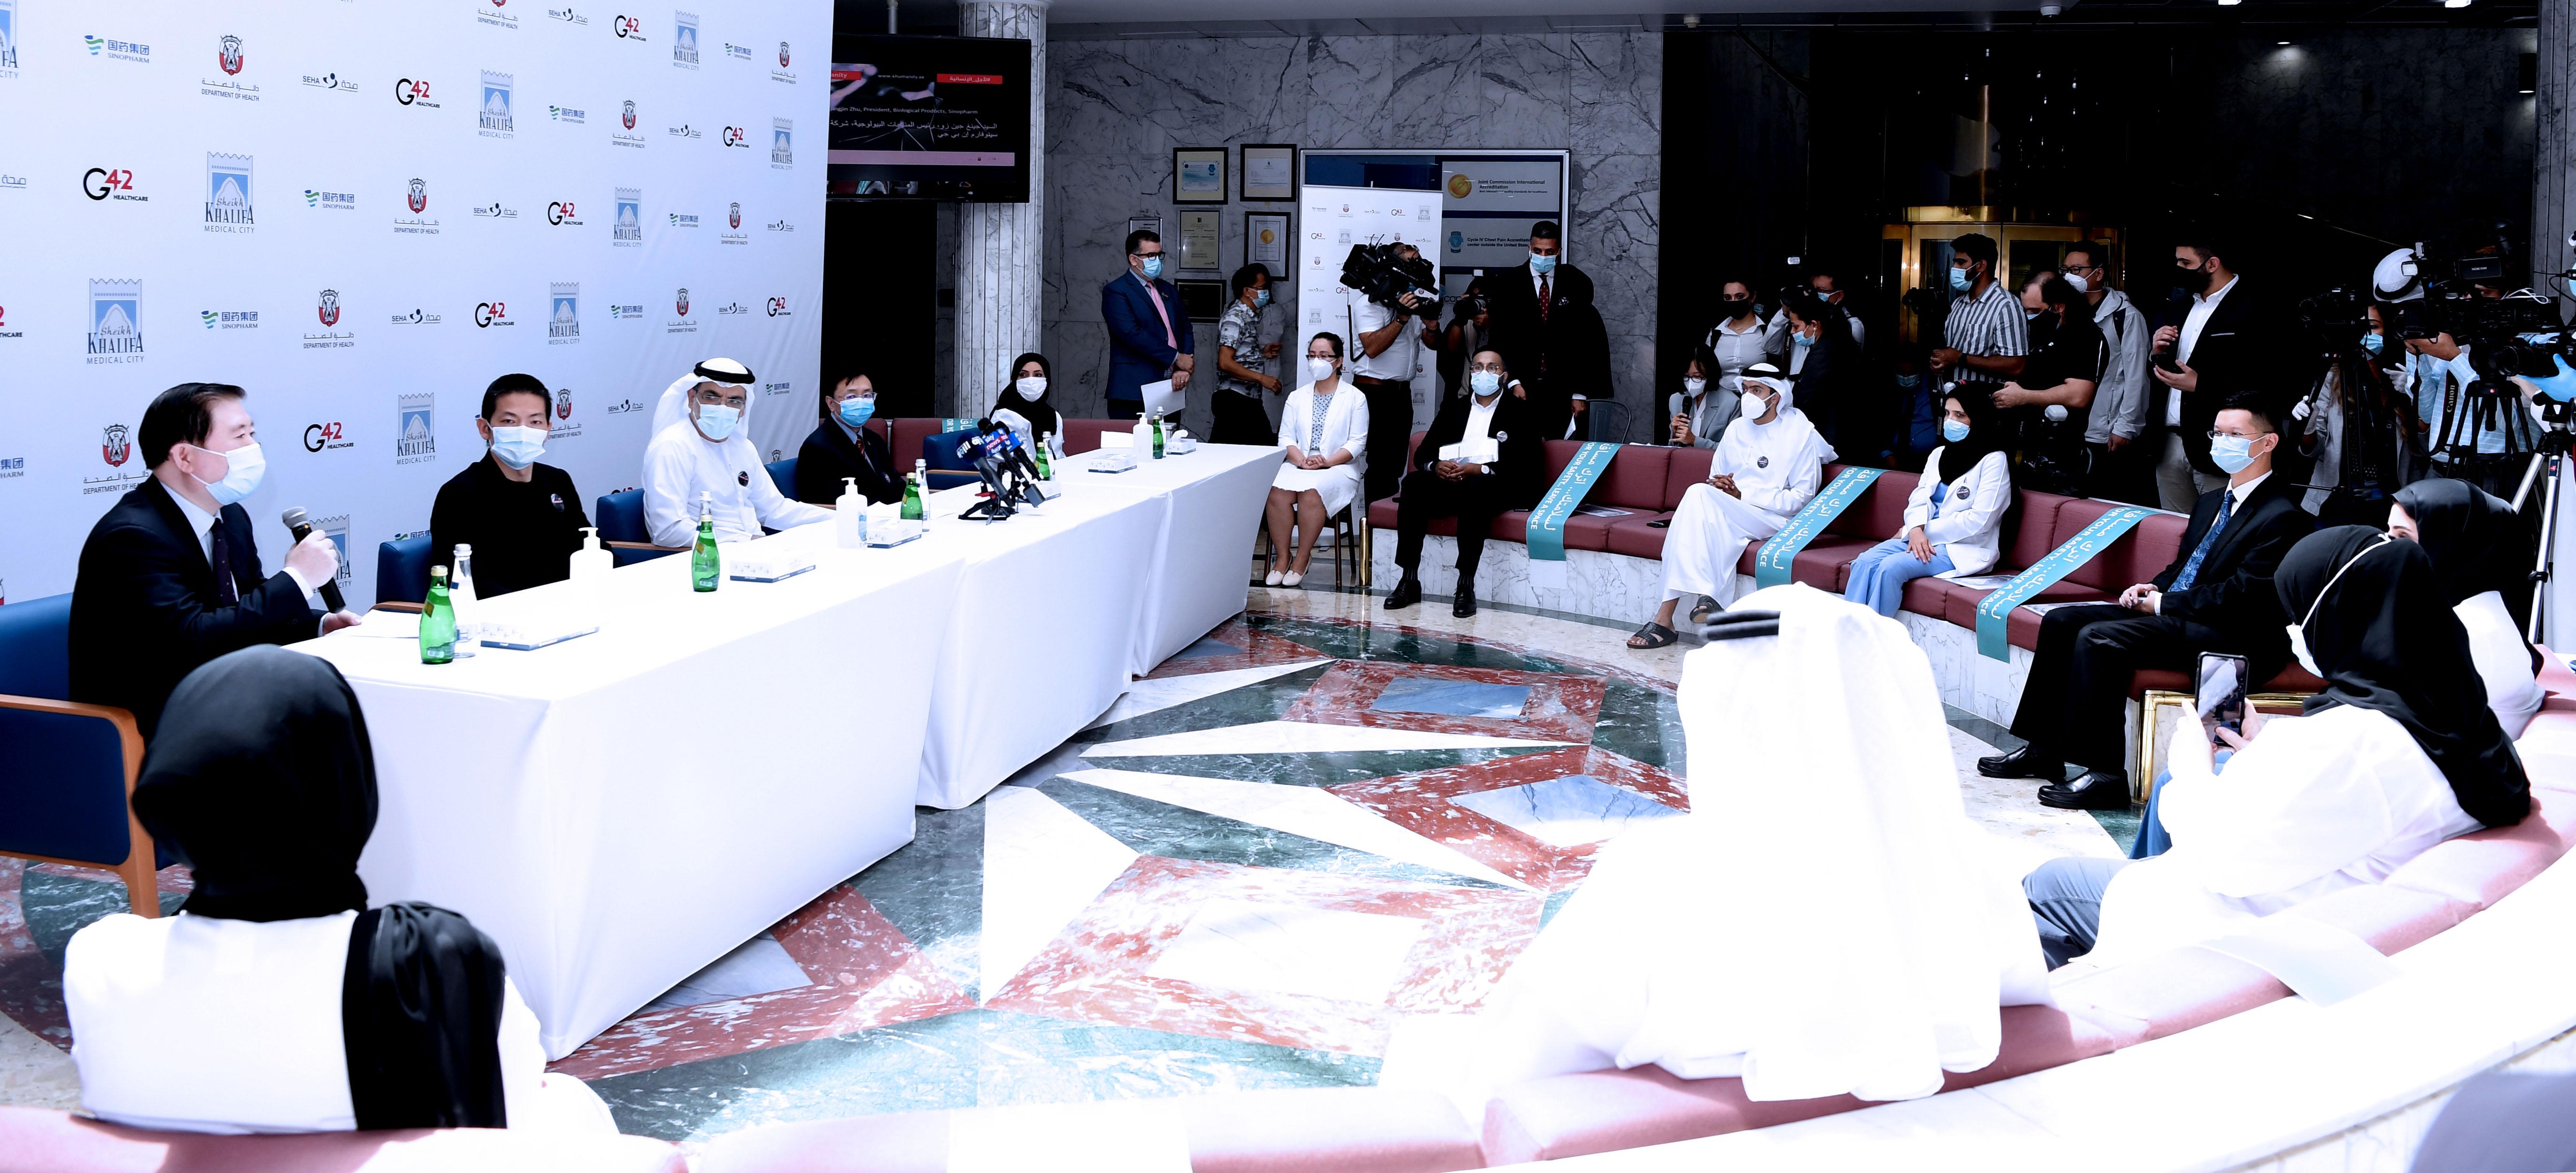 """بدء أولى التجارب السريرية العالمية للمرحلة الثالثة من لقاح محتمل لـ """" كوفيد-19 """" في الإمارات"""